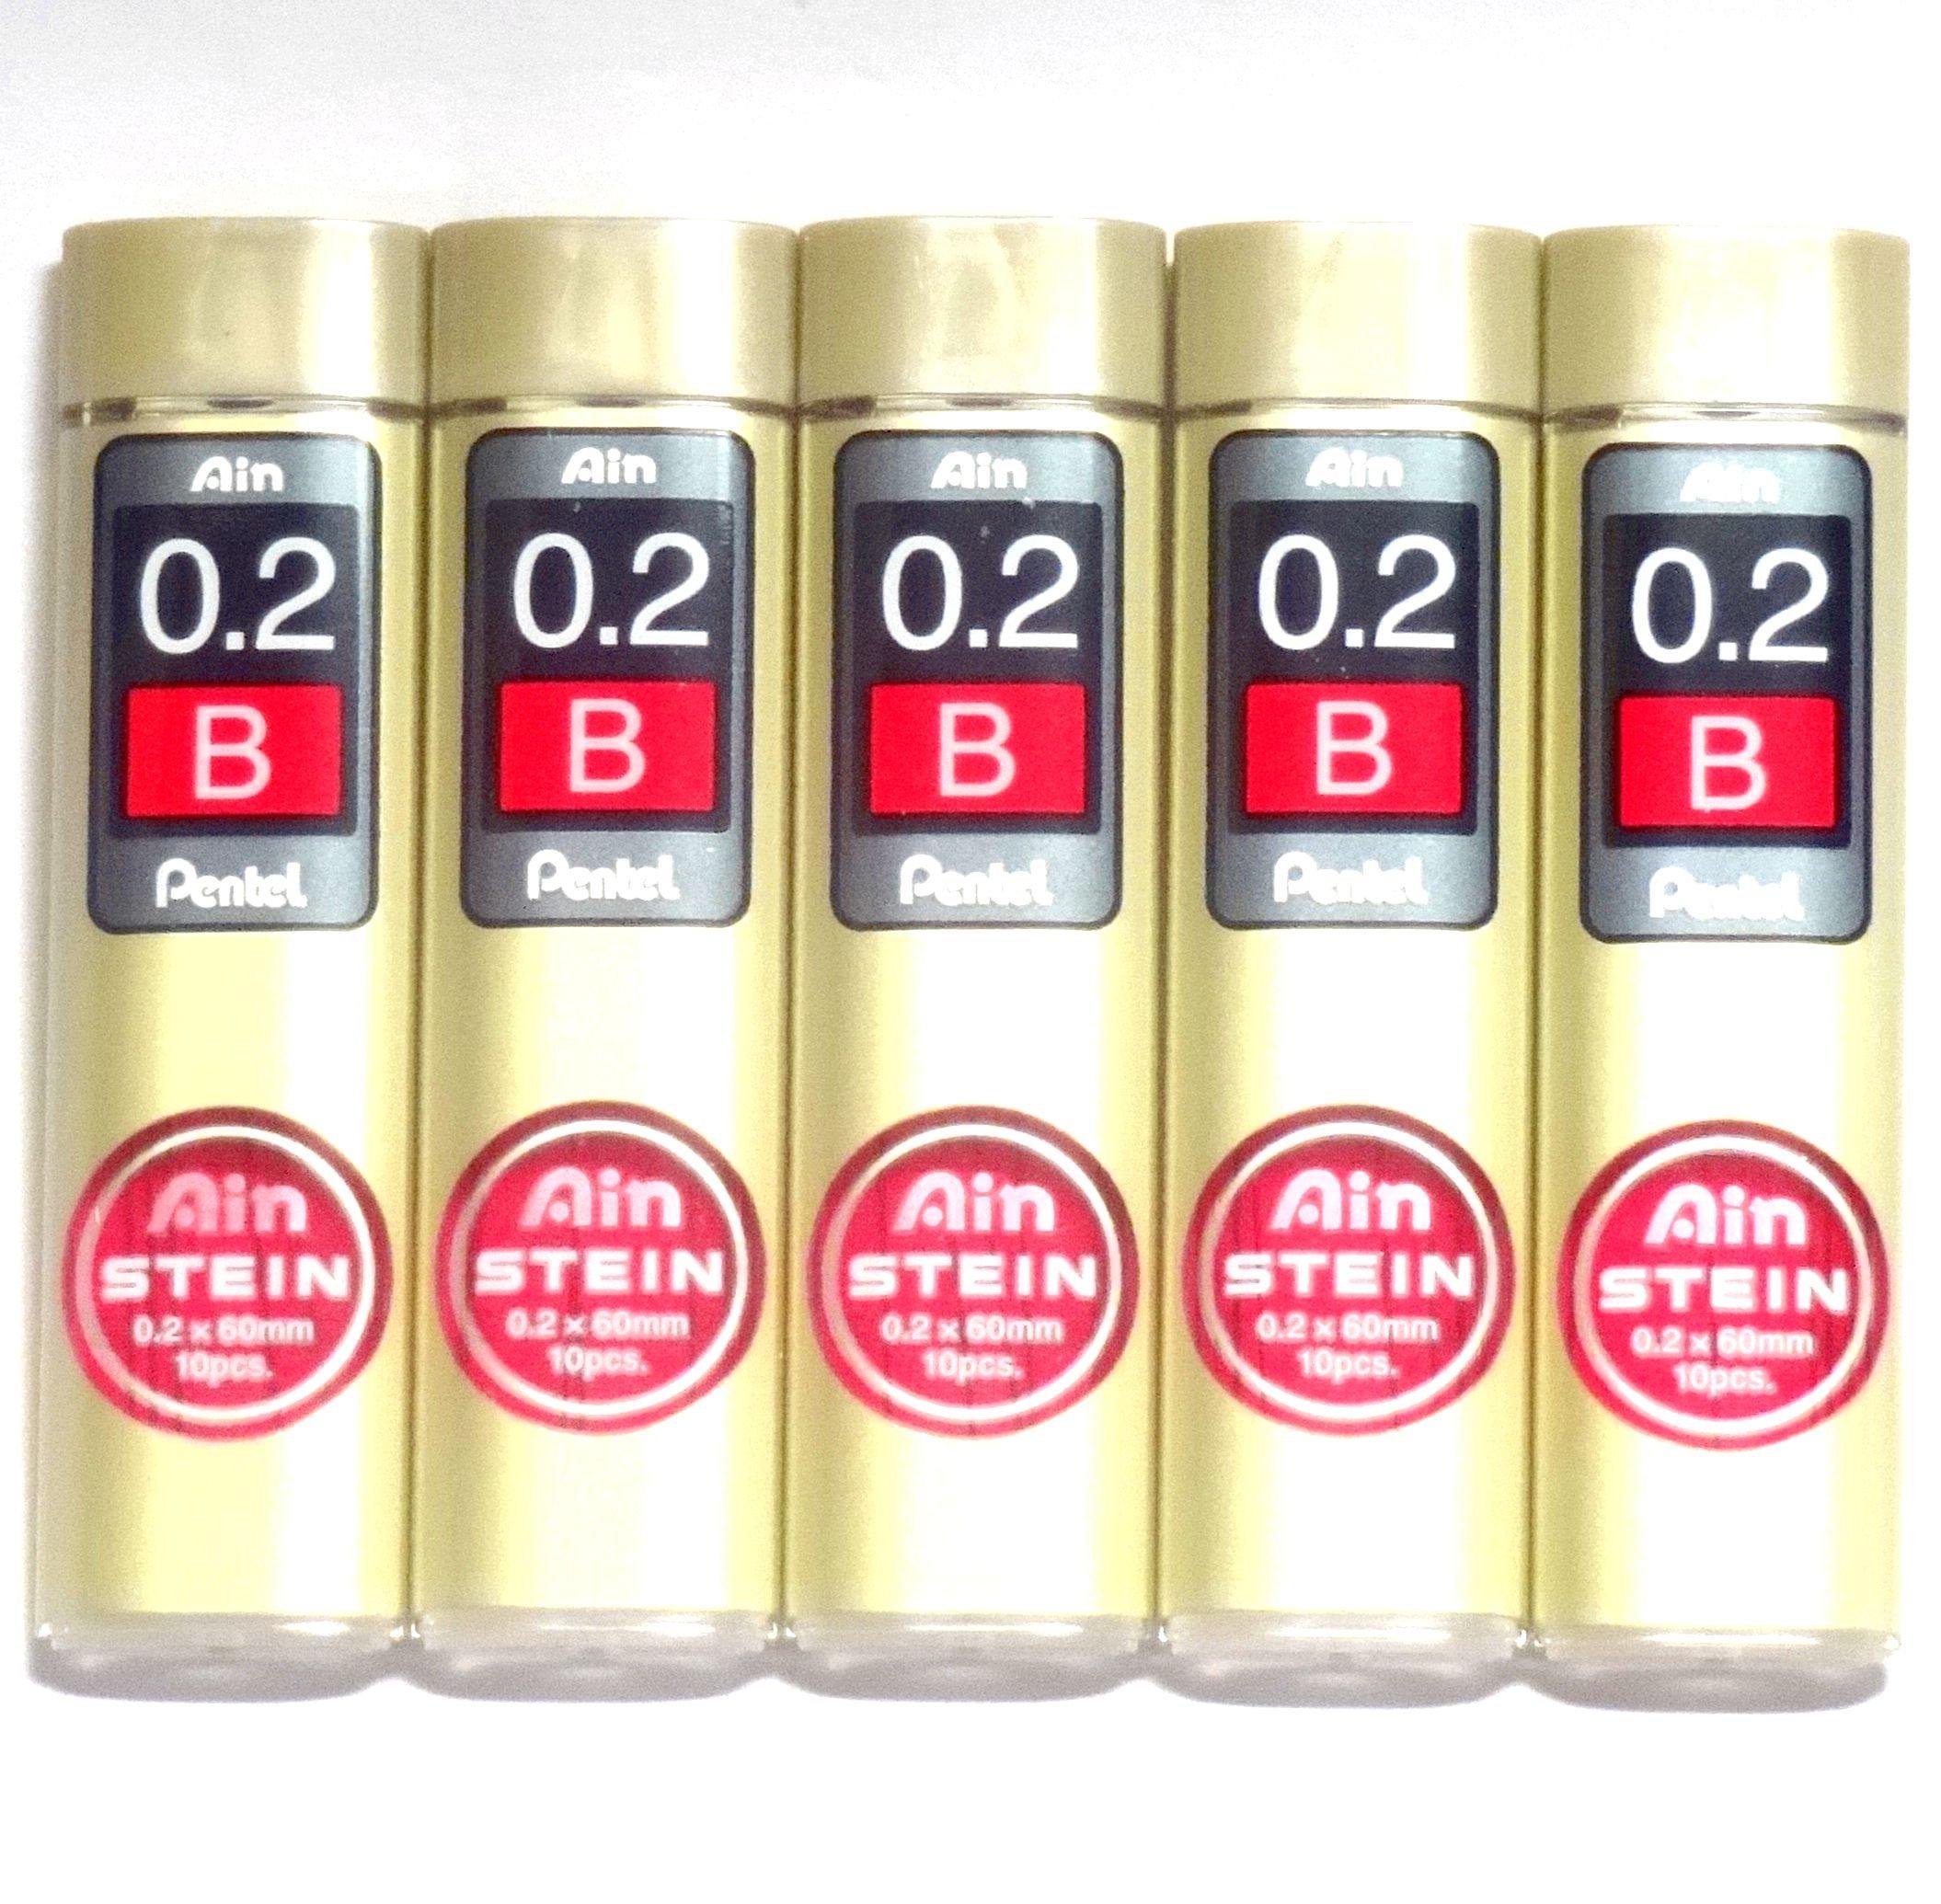 Pentel Ain Stein 50 Minas (5 Tubos) 0.2mm B